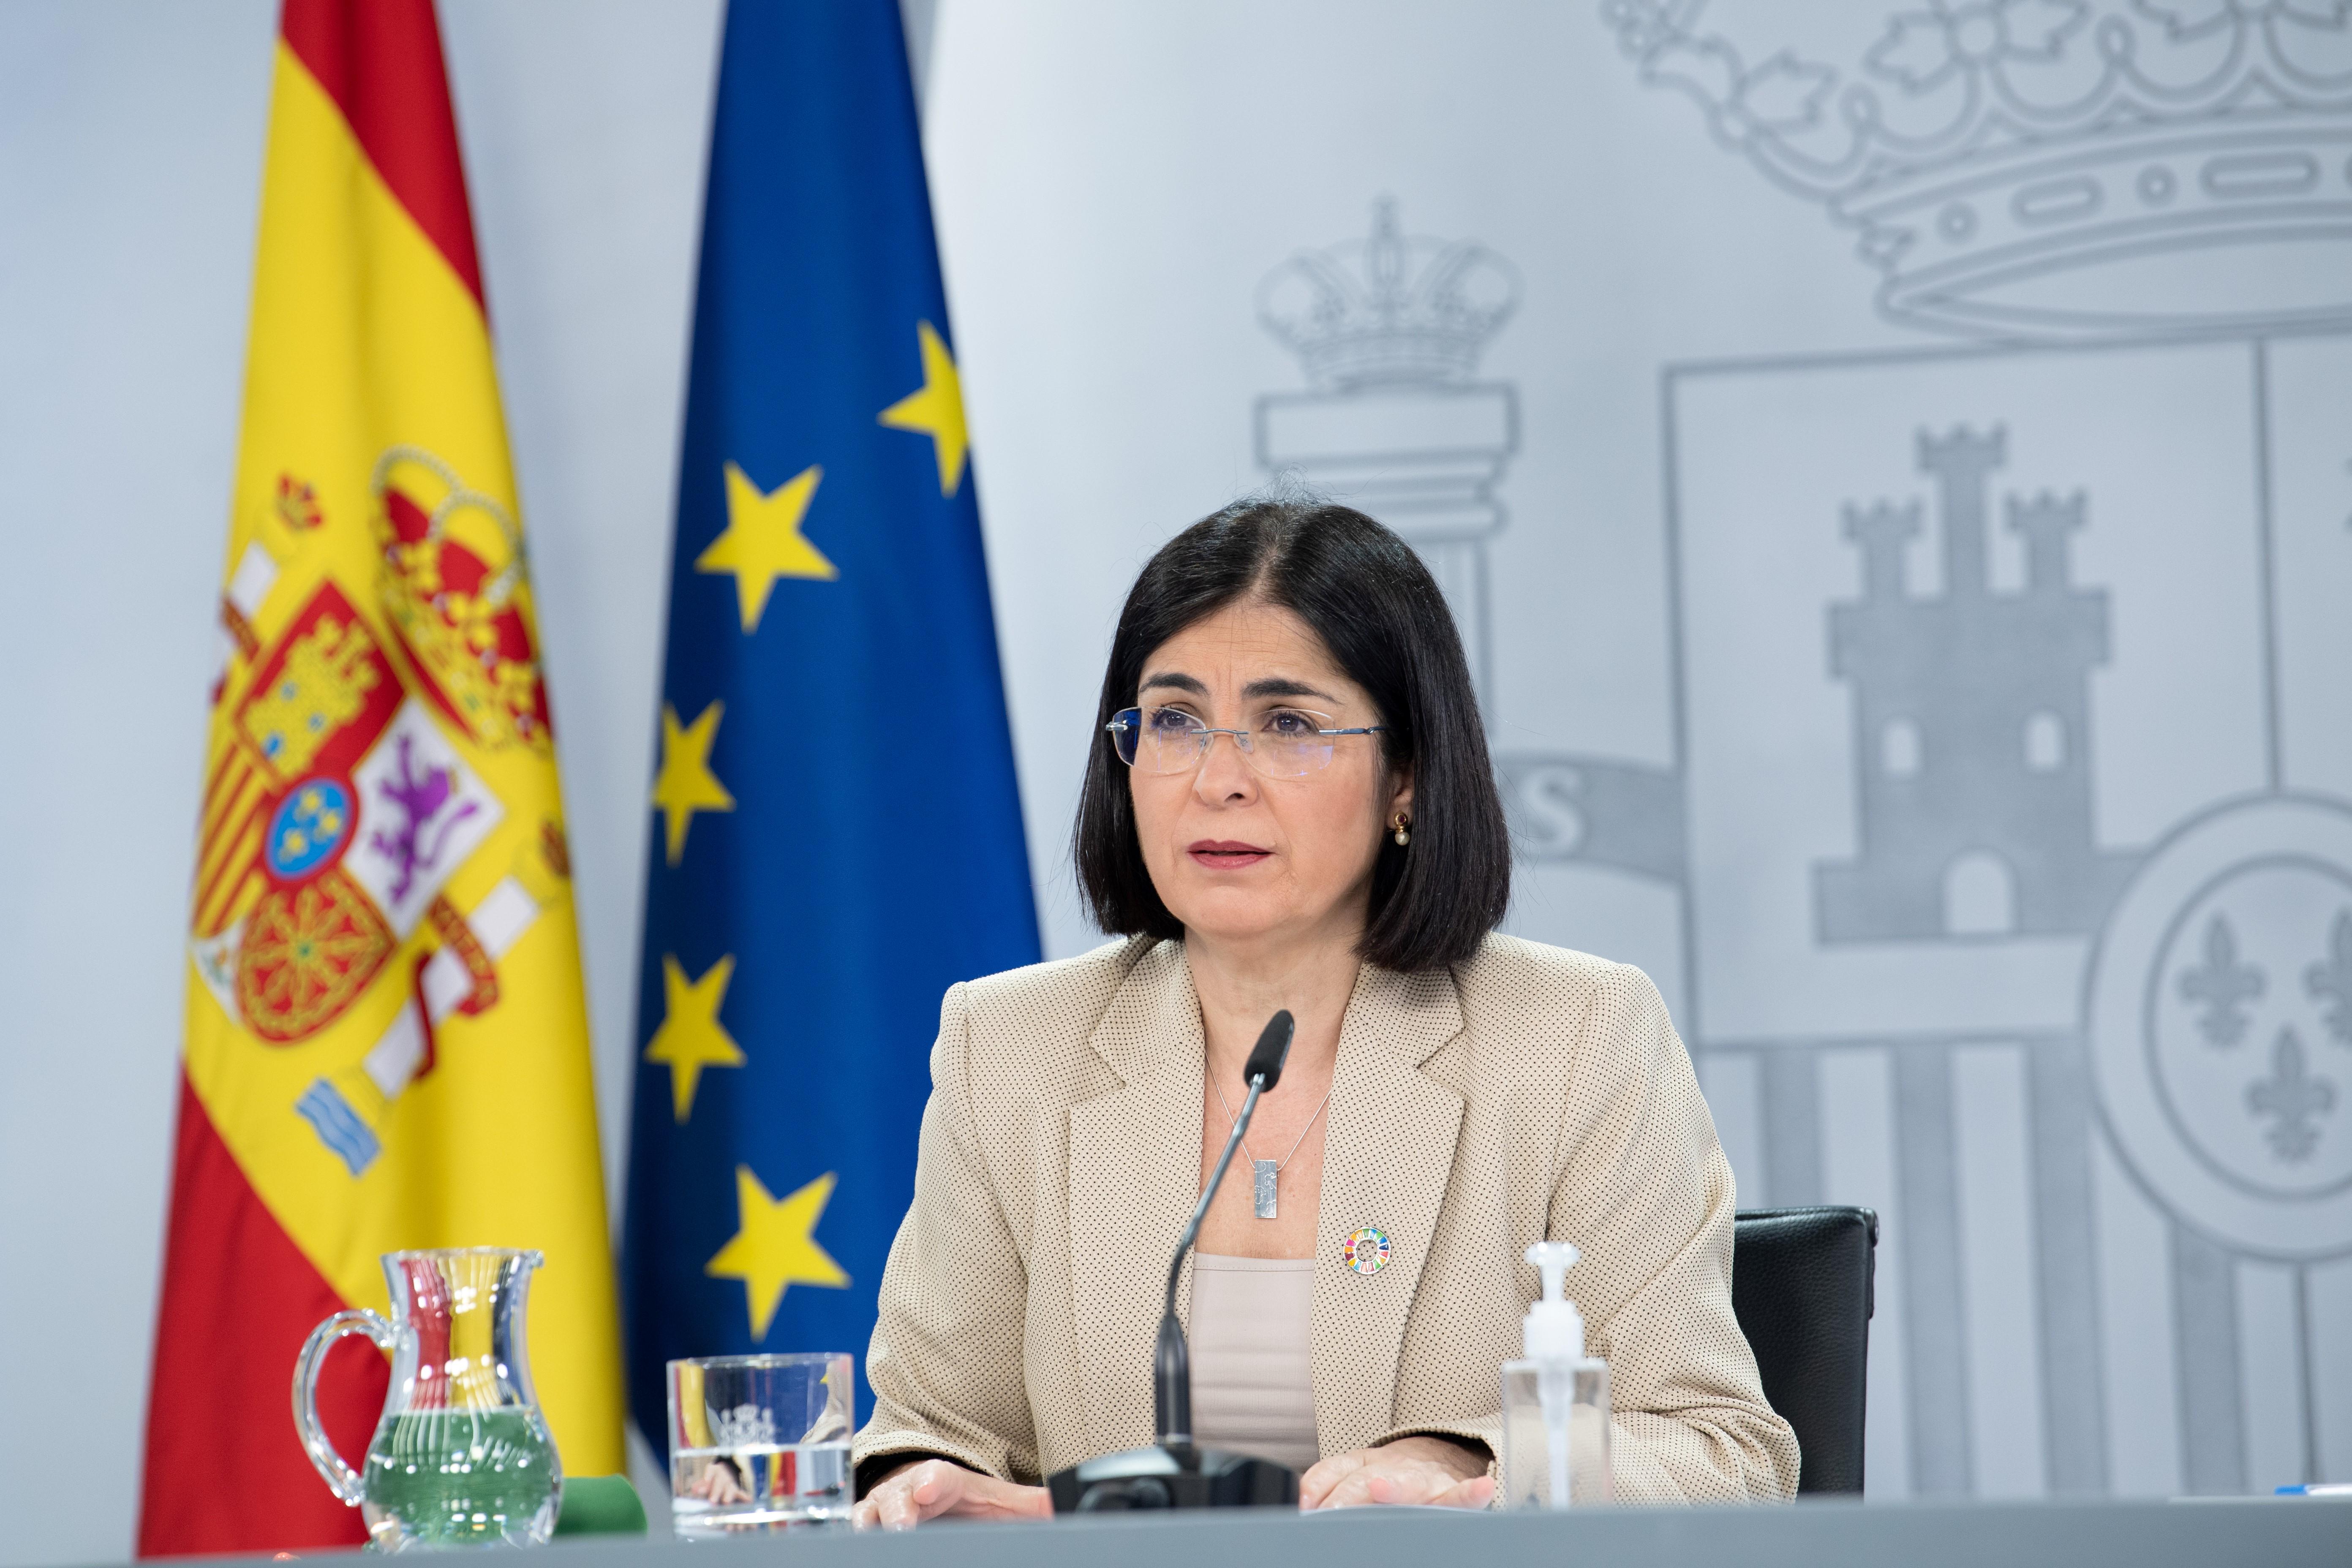 La Ministra de Sanidad Carolina Darias durante una rueda de prensa   Borja Puig de la Bellacasa/Xinhua /Getty